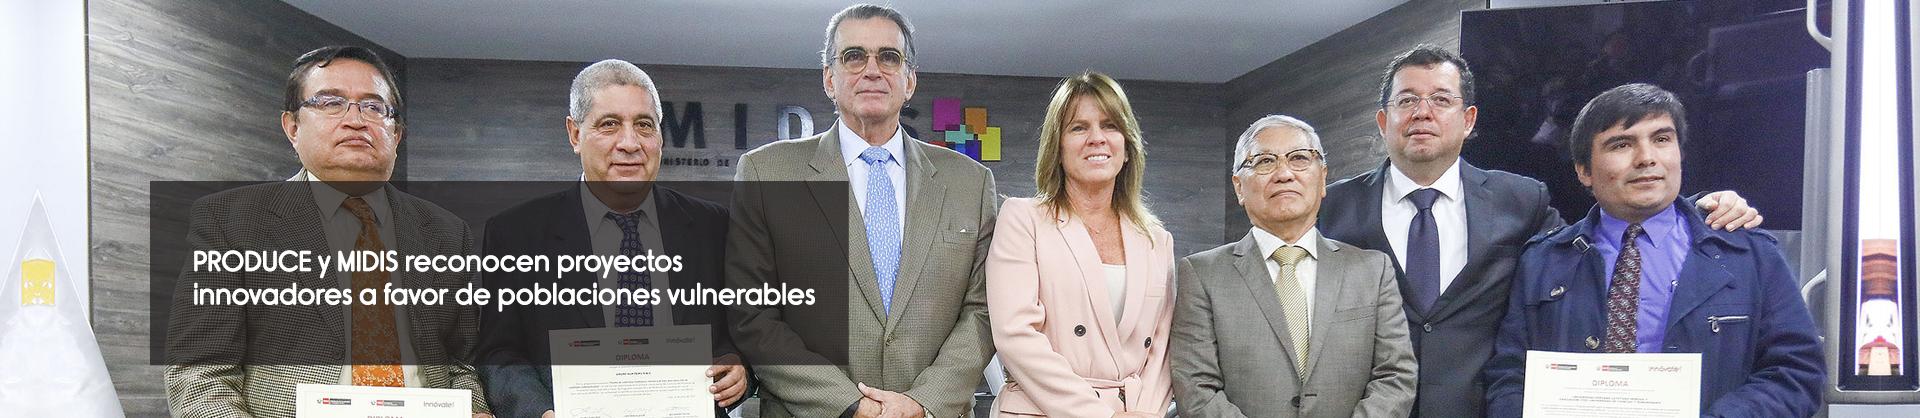 PRODUCE y MIDIS reconocen proyectos innovadores a favor de poblaciones vulnerables